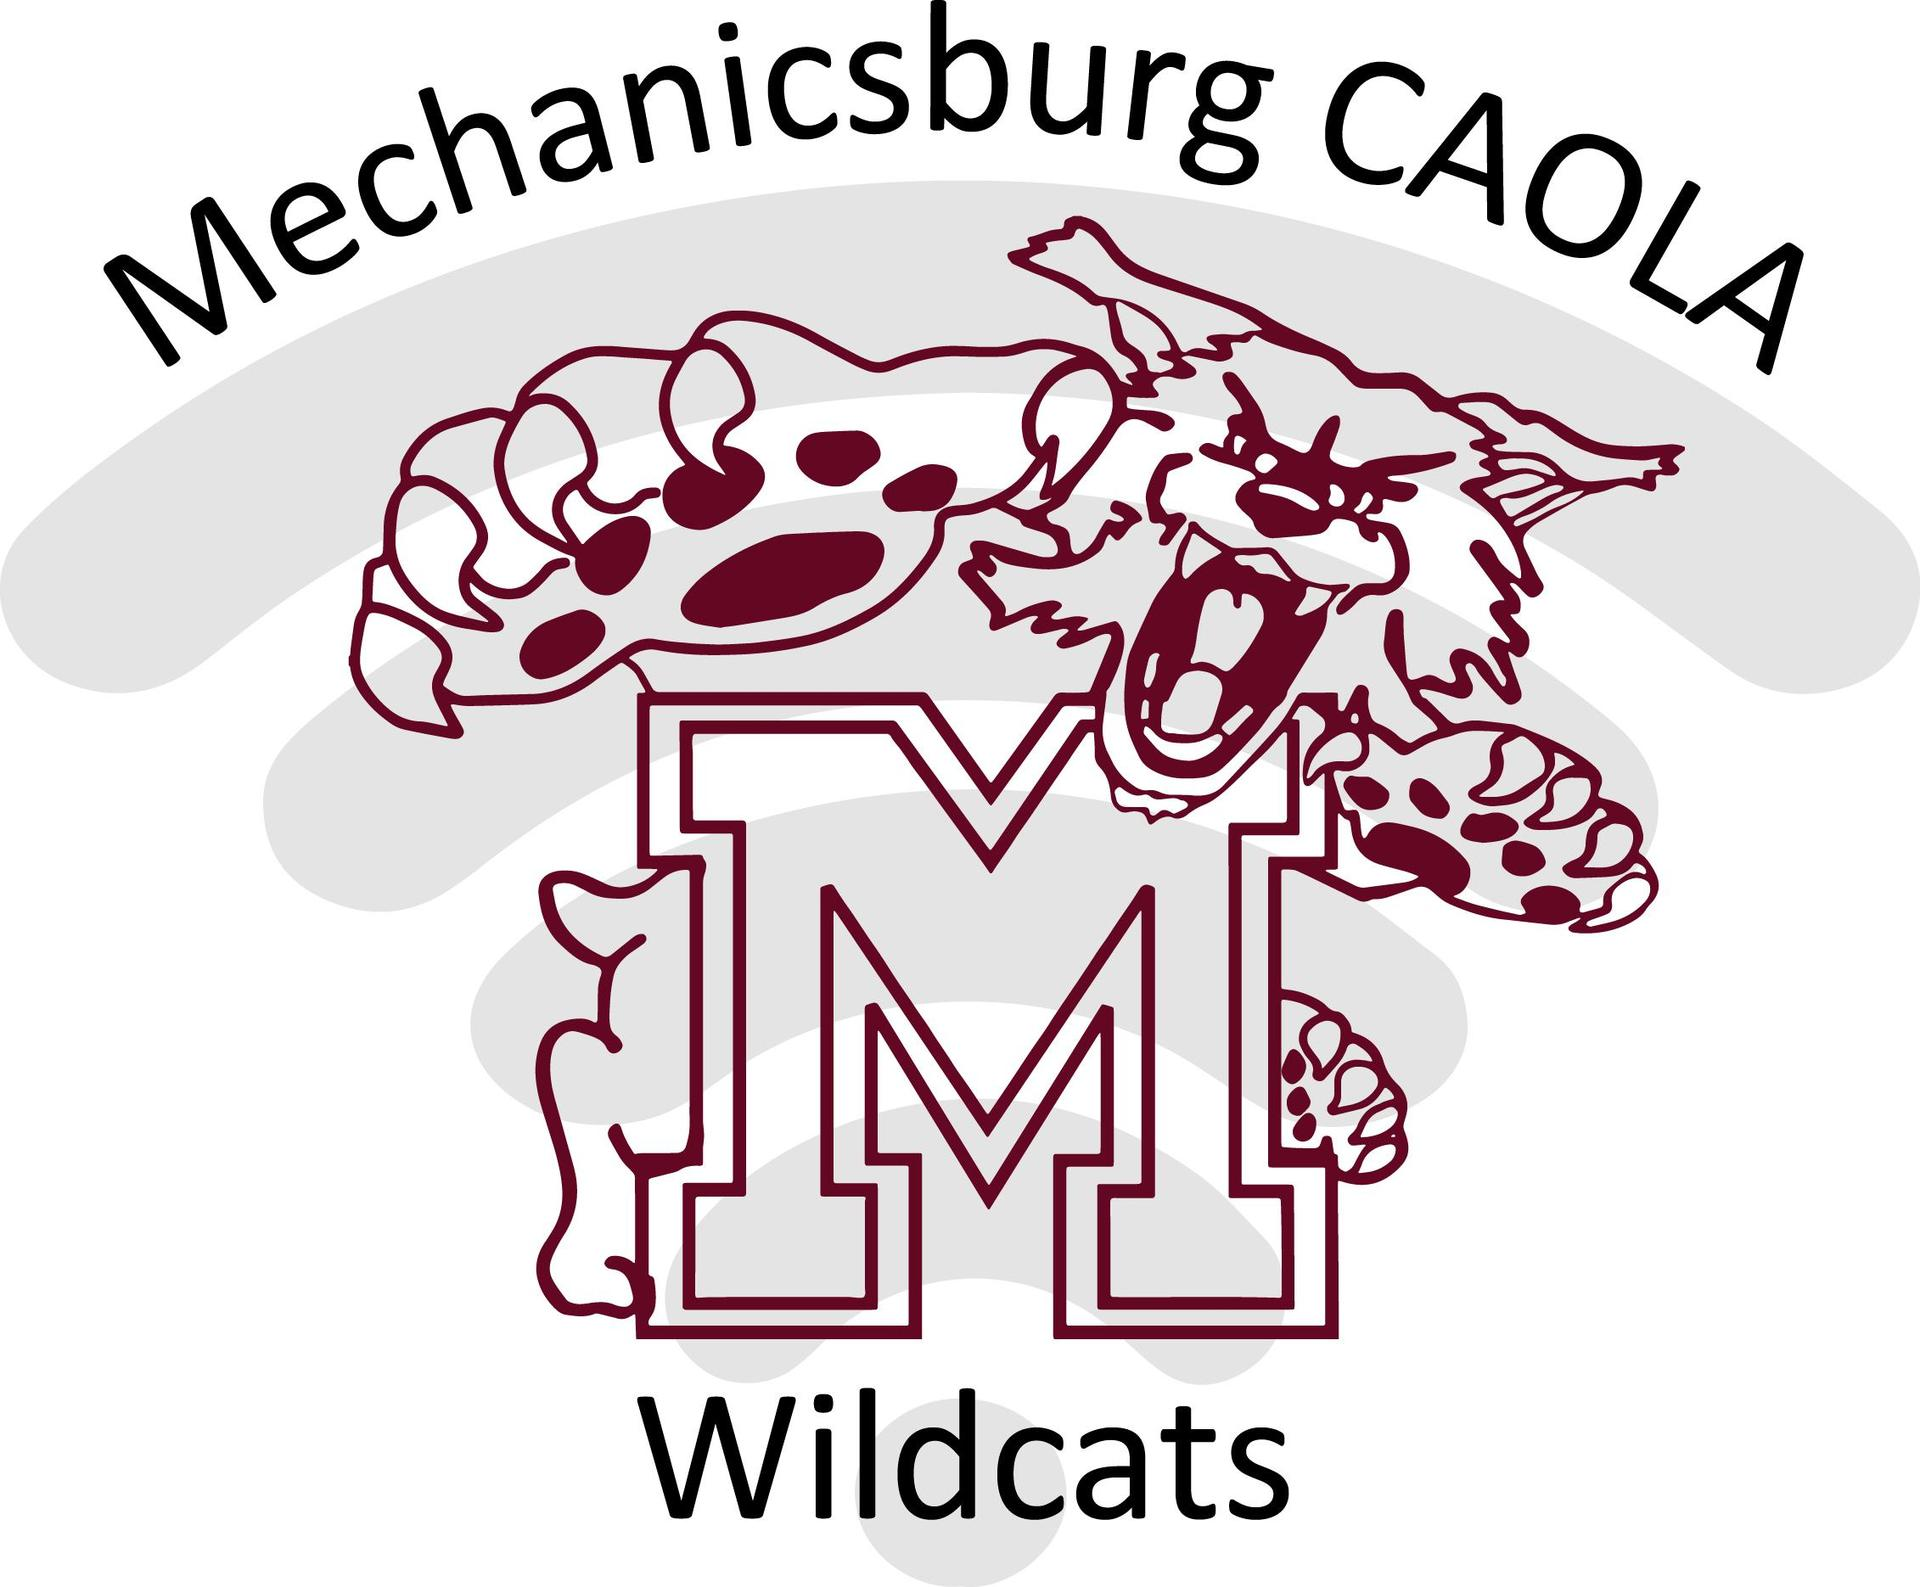 CAOLA Wildcats